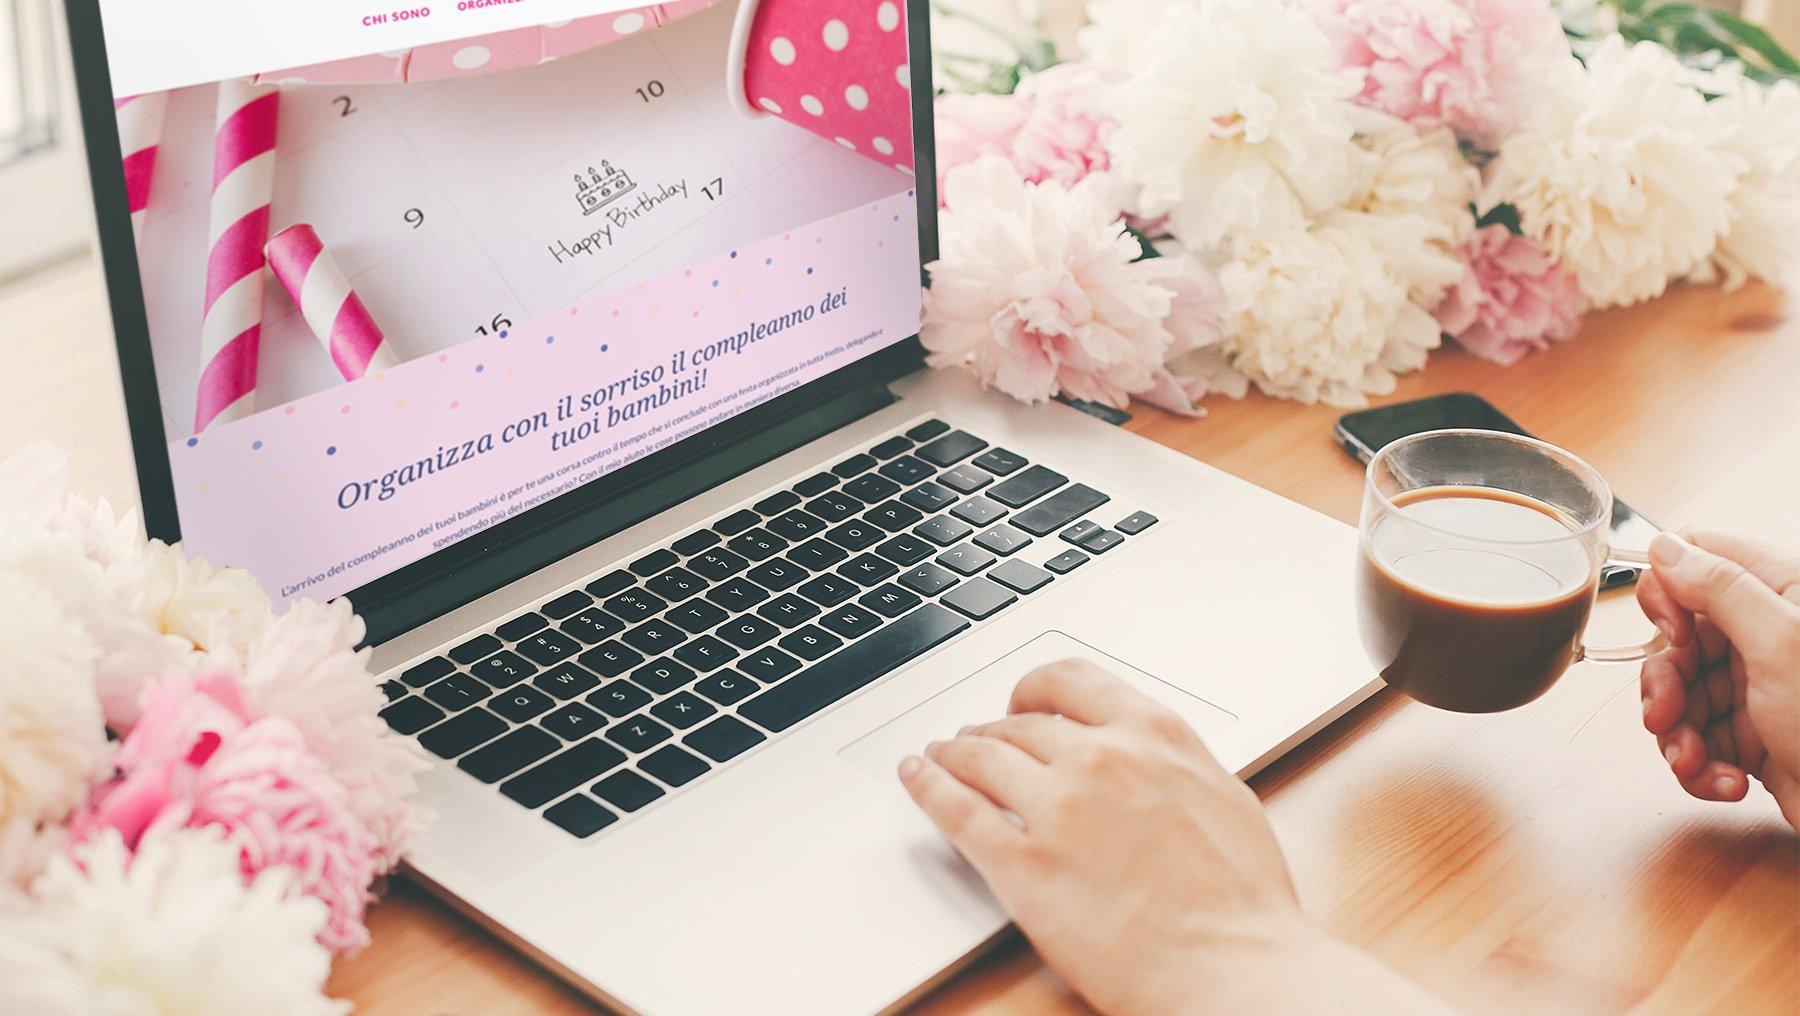 servizio online guida organizzare feste compleanno bimbi